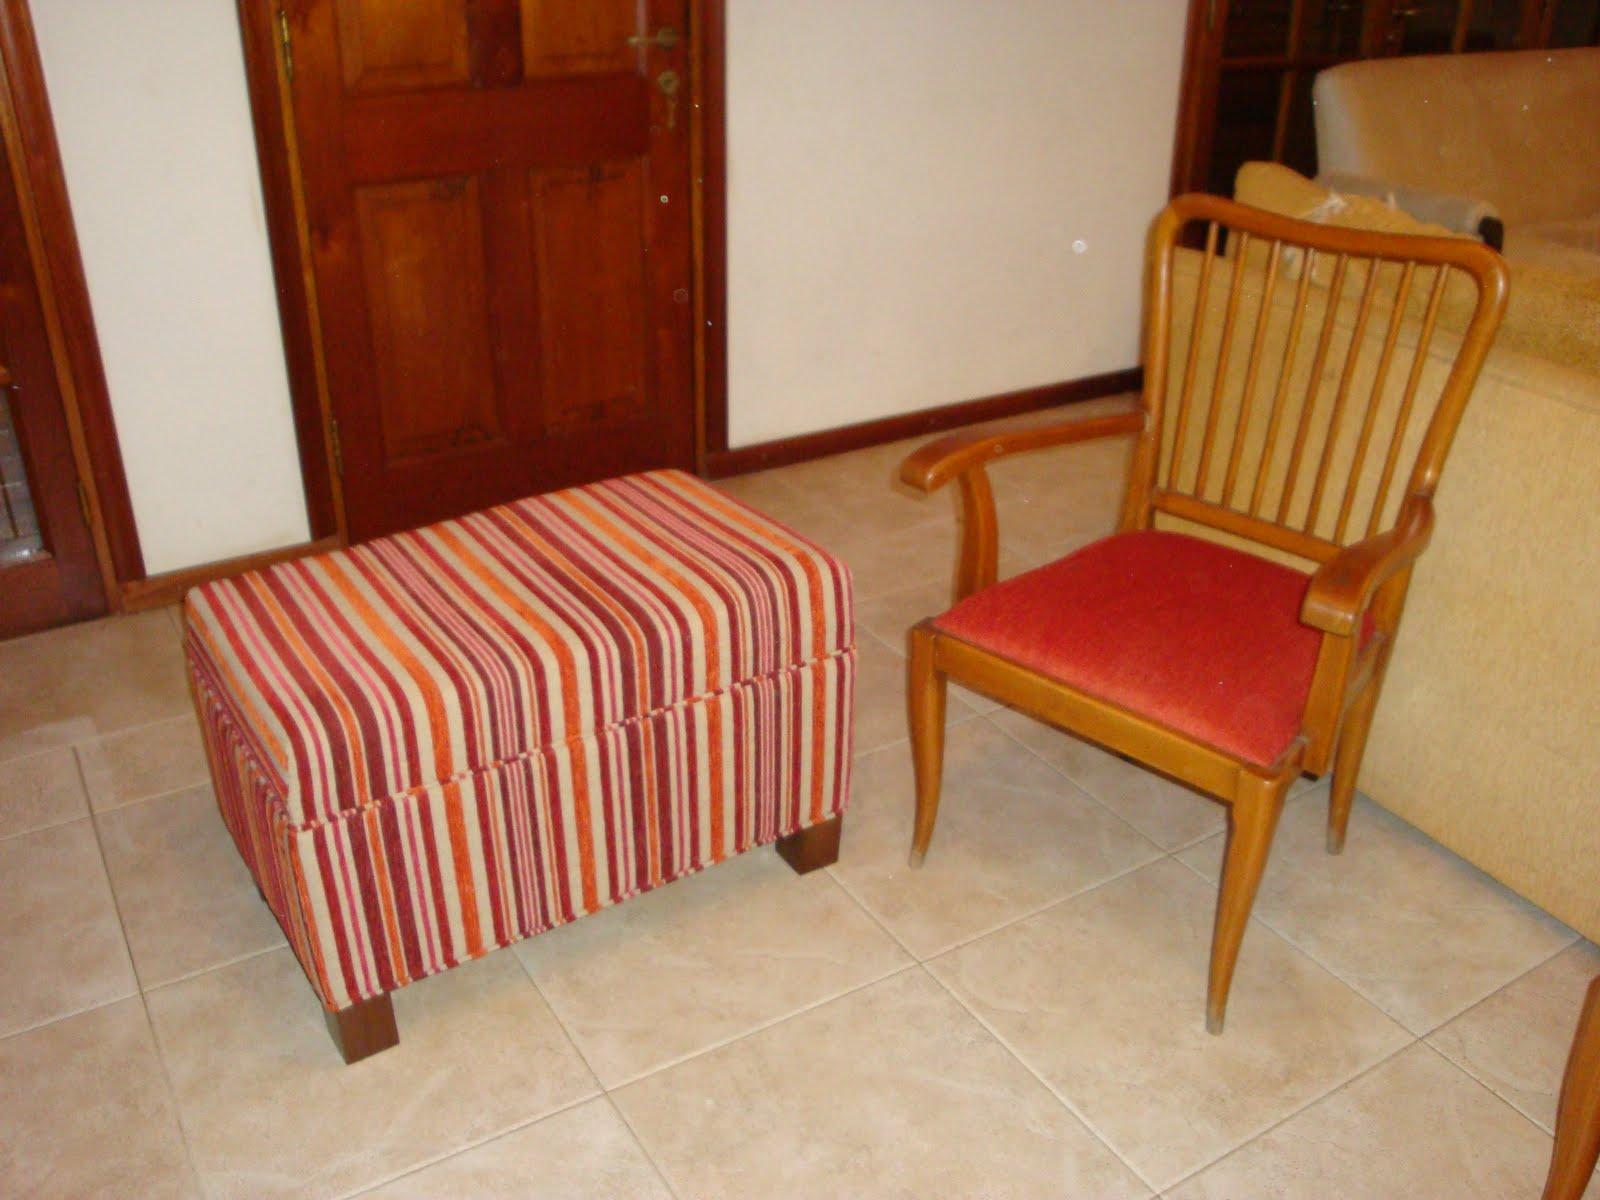 Tienda del mueble canals cba est rayada for Almacen del mueble